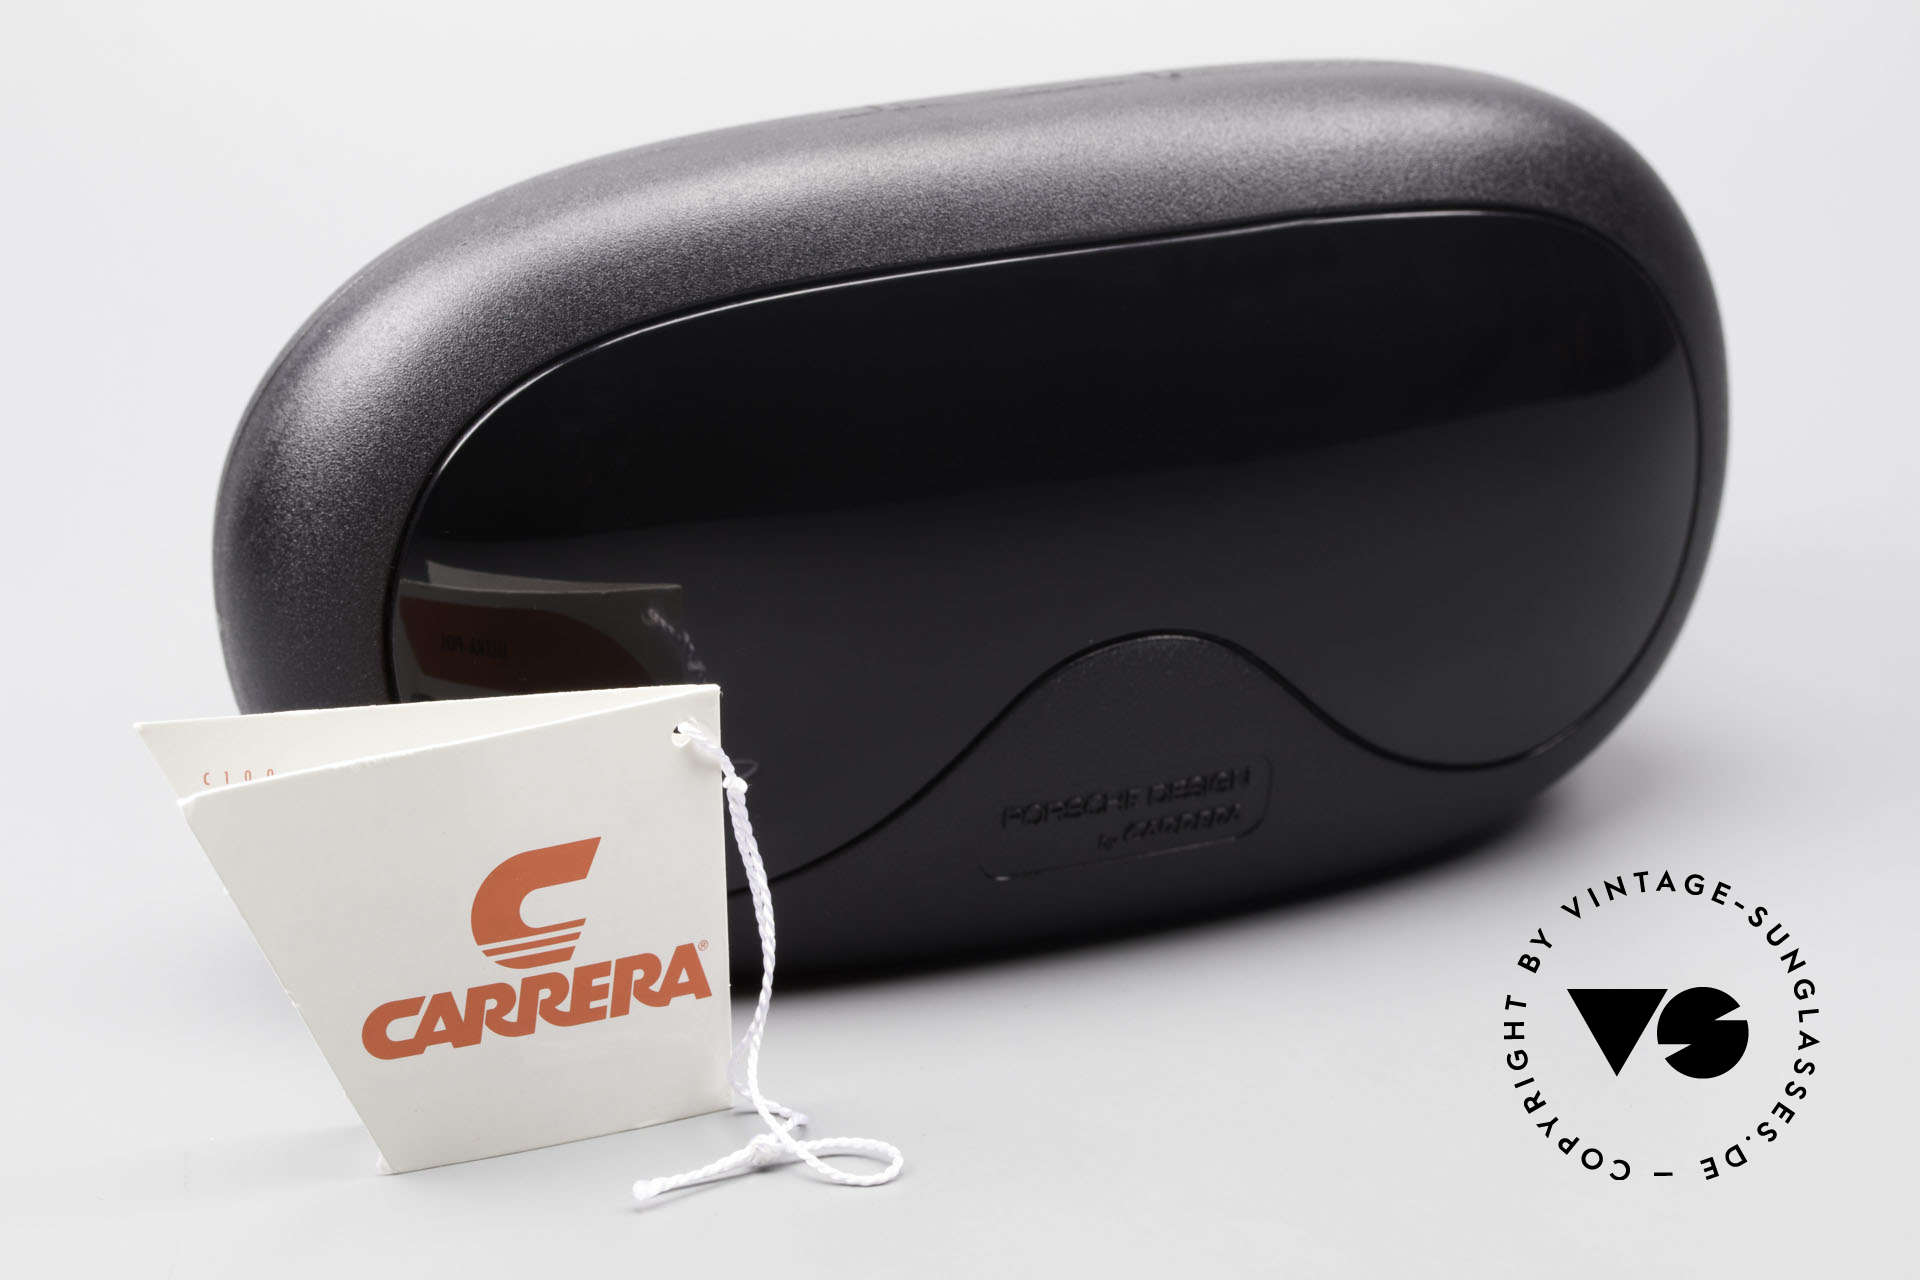 Carrera 5512 Miami Vice Sunset Sonnenbrille, Größe: extra large, Passend für Herren